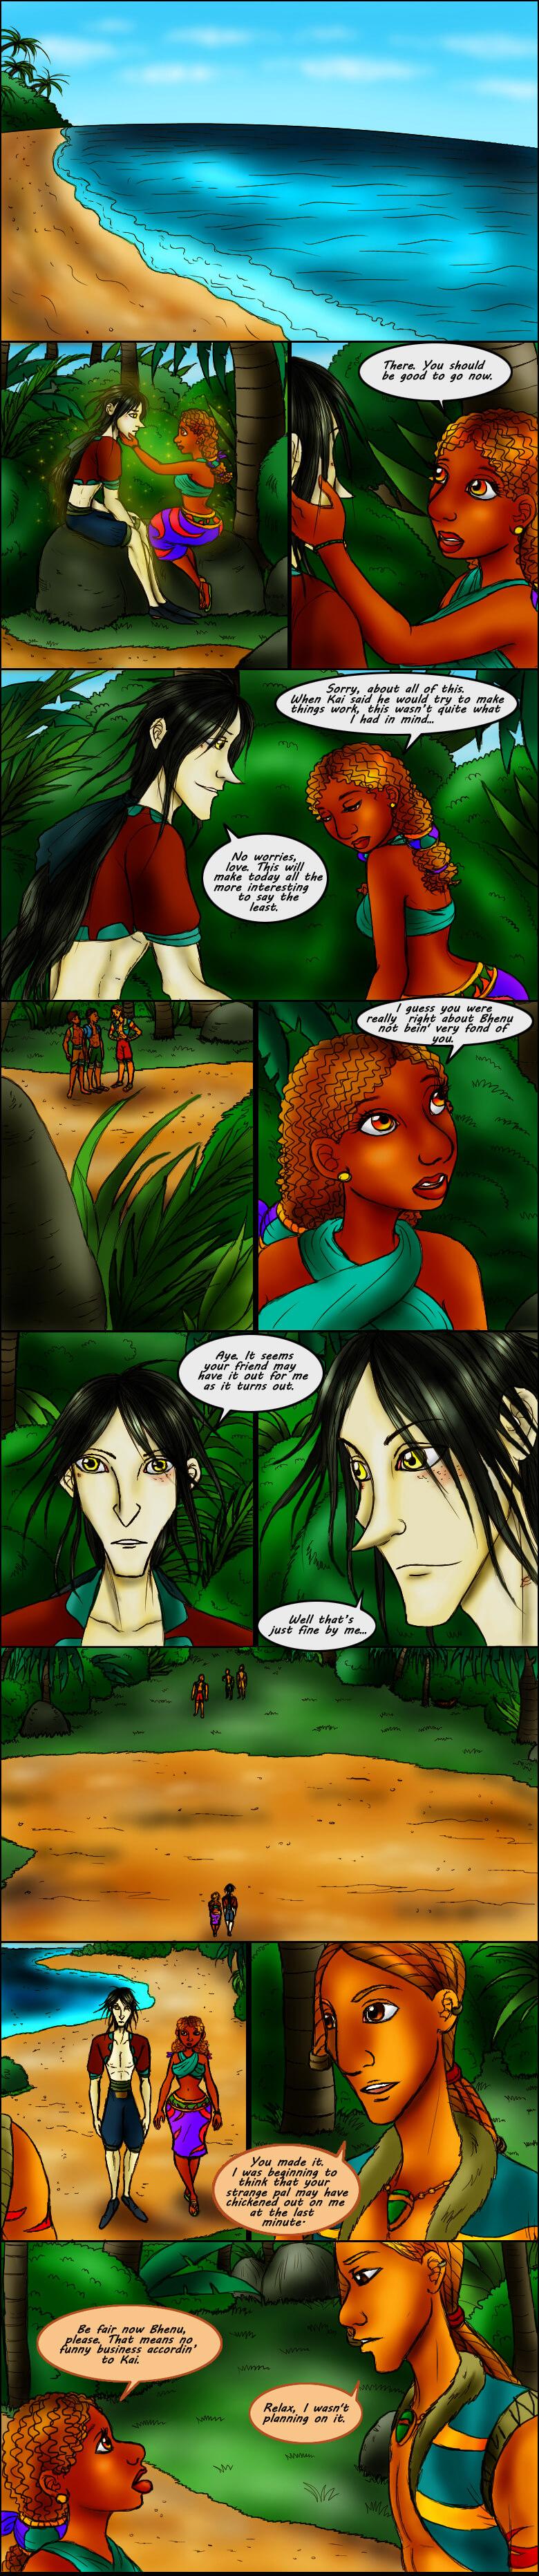 Page 96 – Facing Bhenu